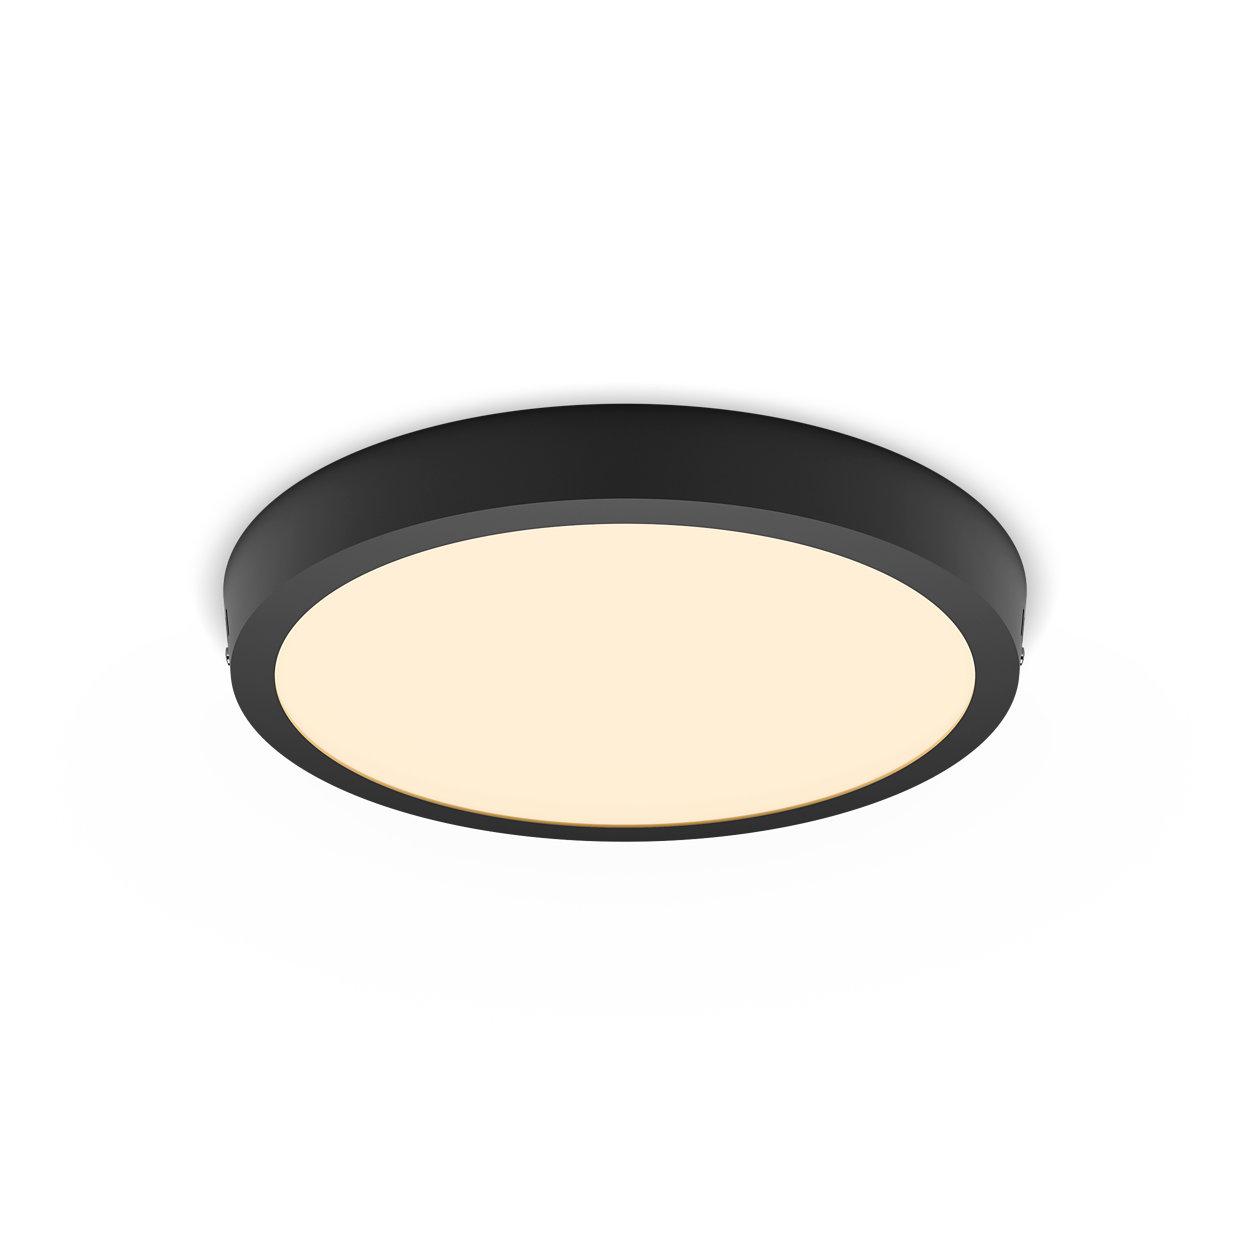 Příjemné LED světlo, které je šetrné kvašim očím